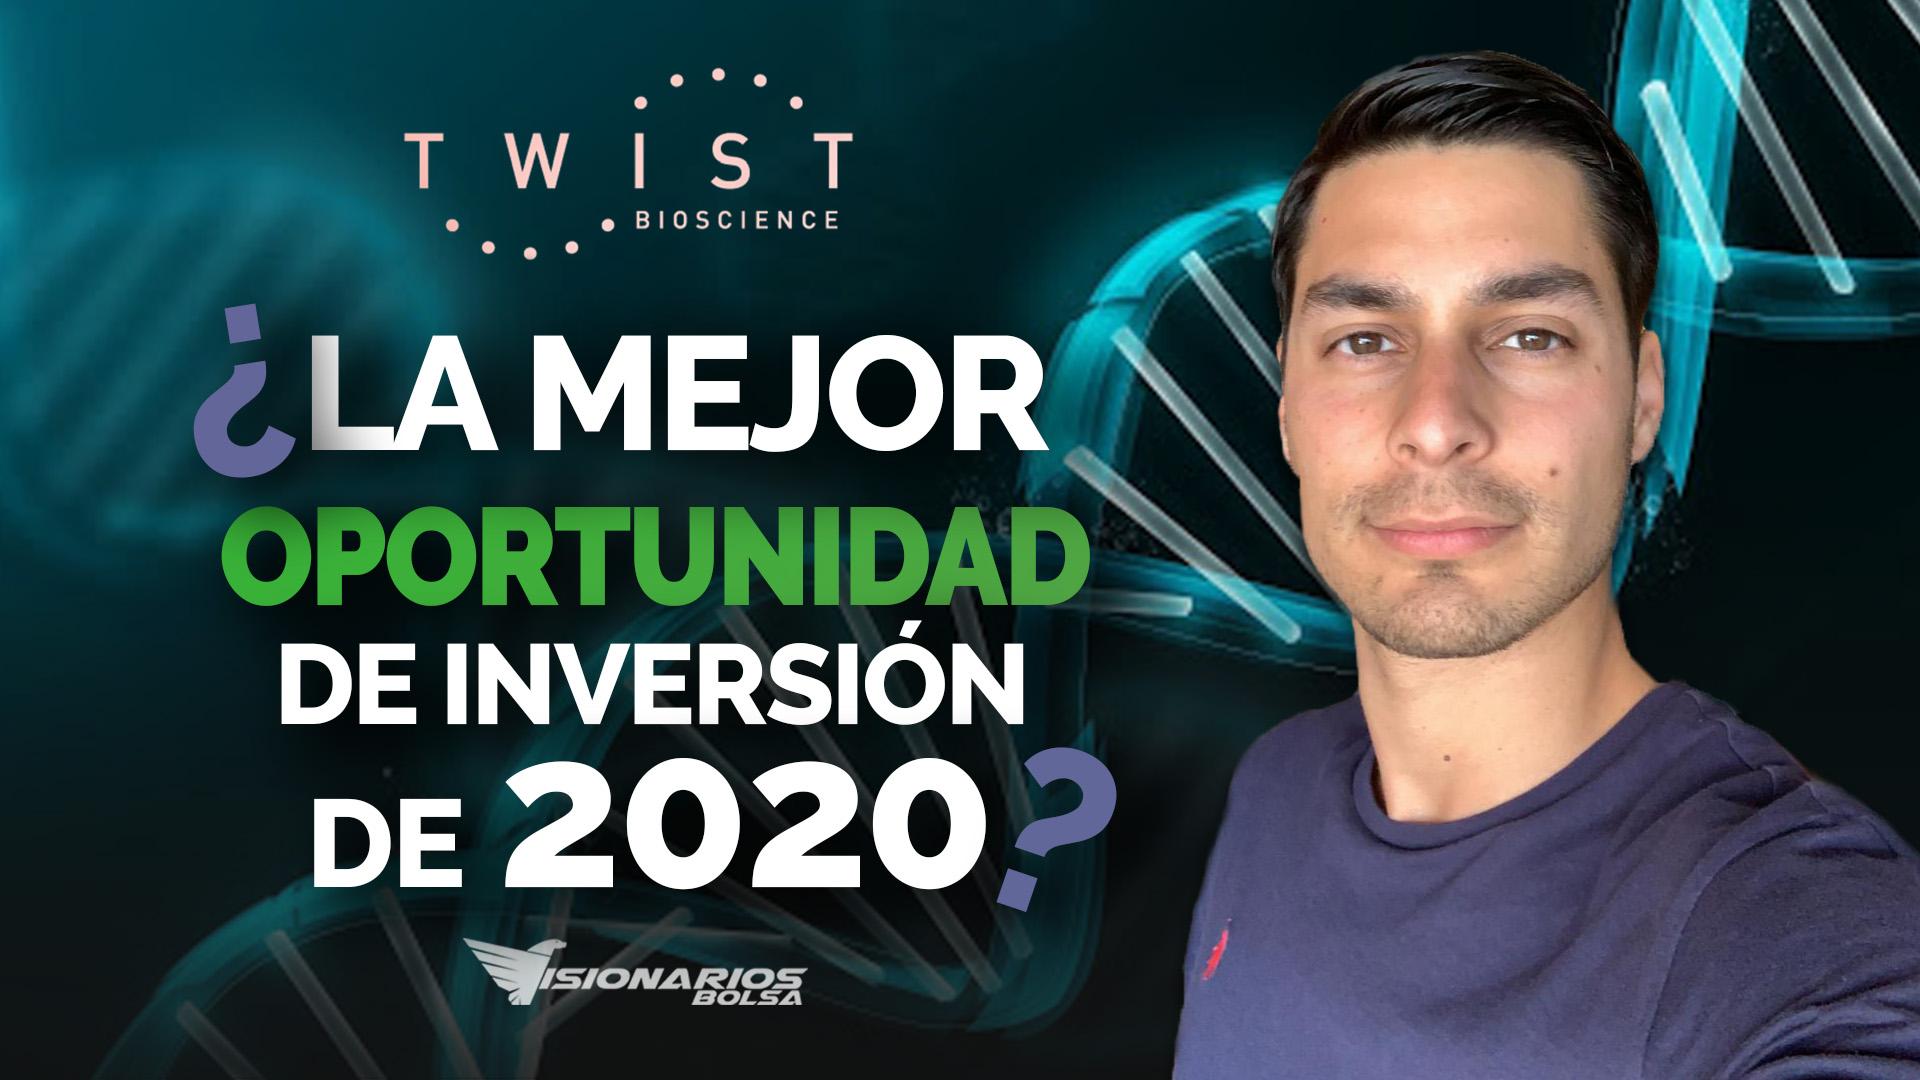 La Mejor Oportunidad De Inversión Del Año 2020 > Invertir En Twist Bioscience